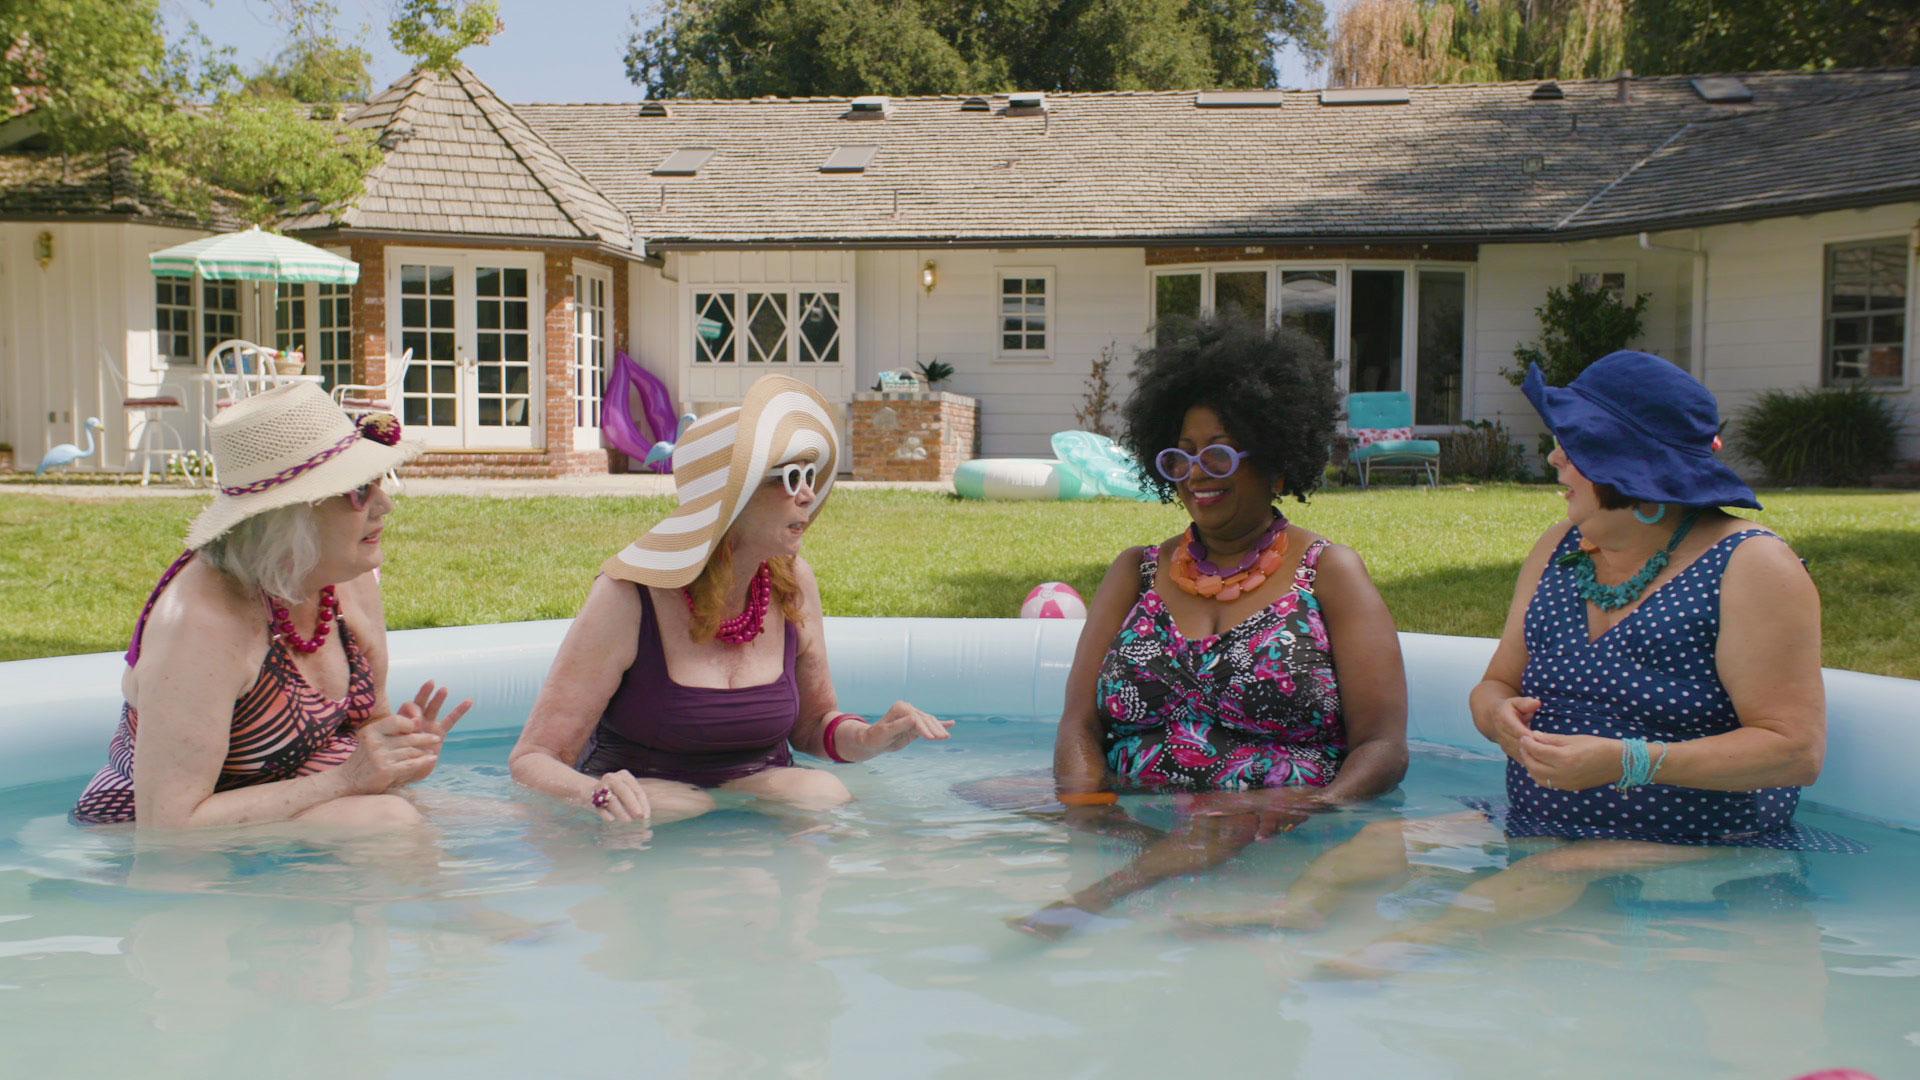 Unique Swimming Pool Prank Ideas